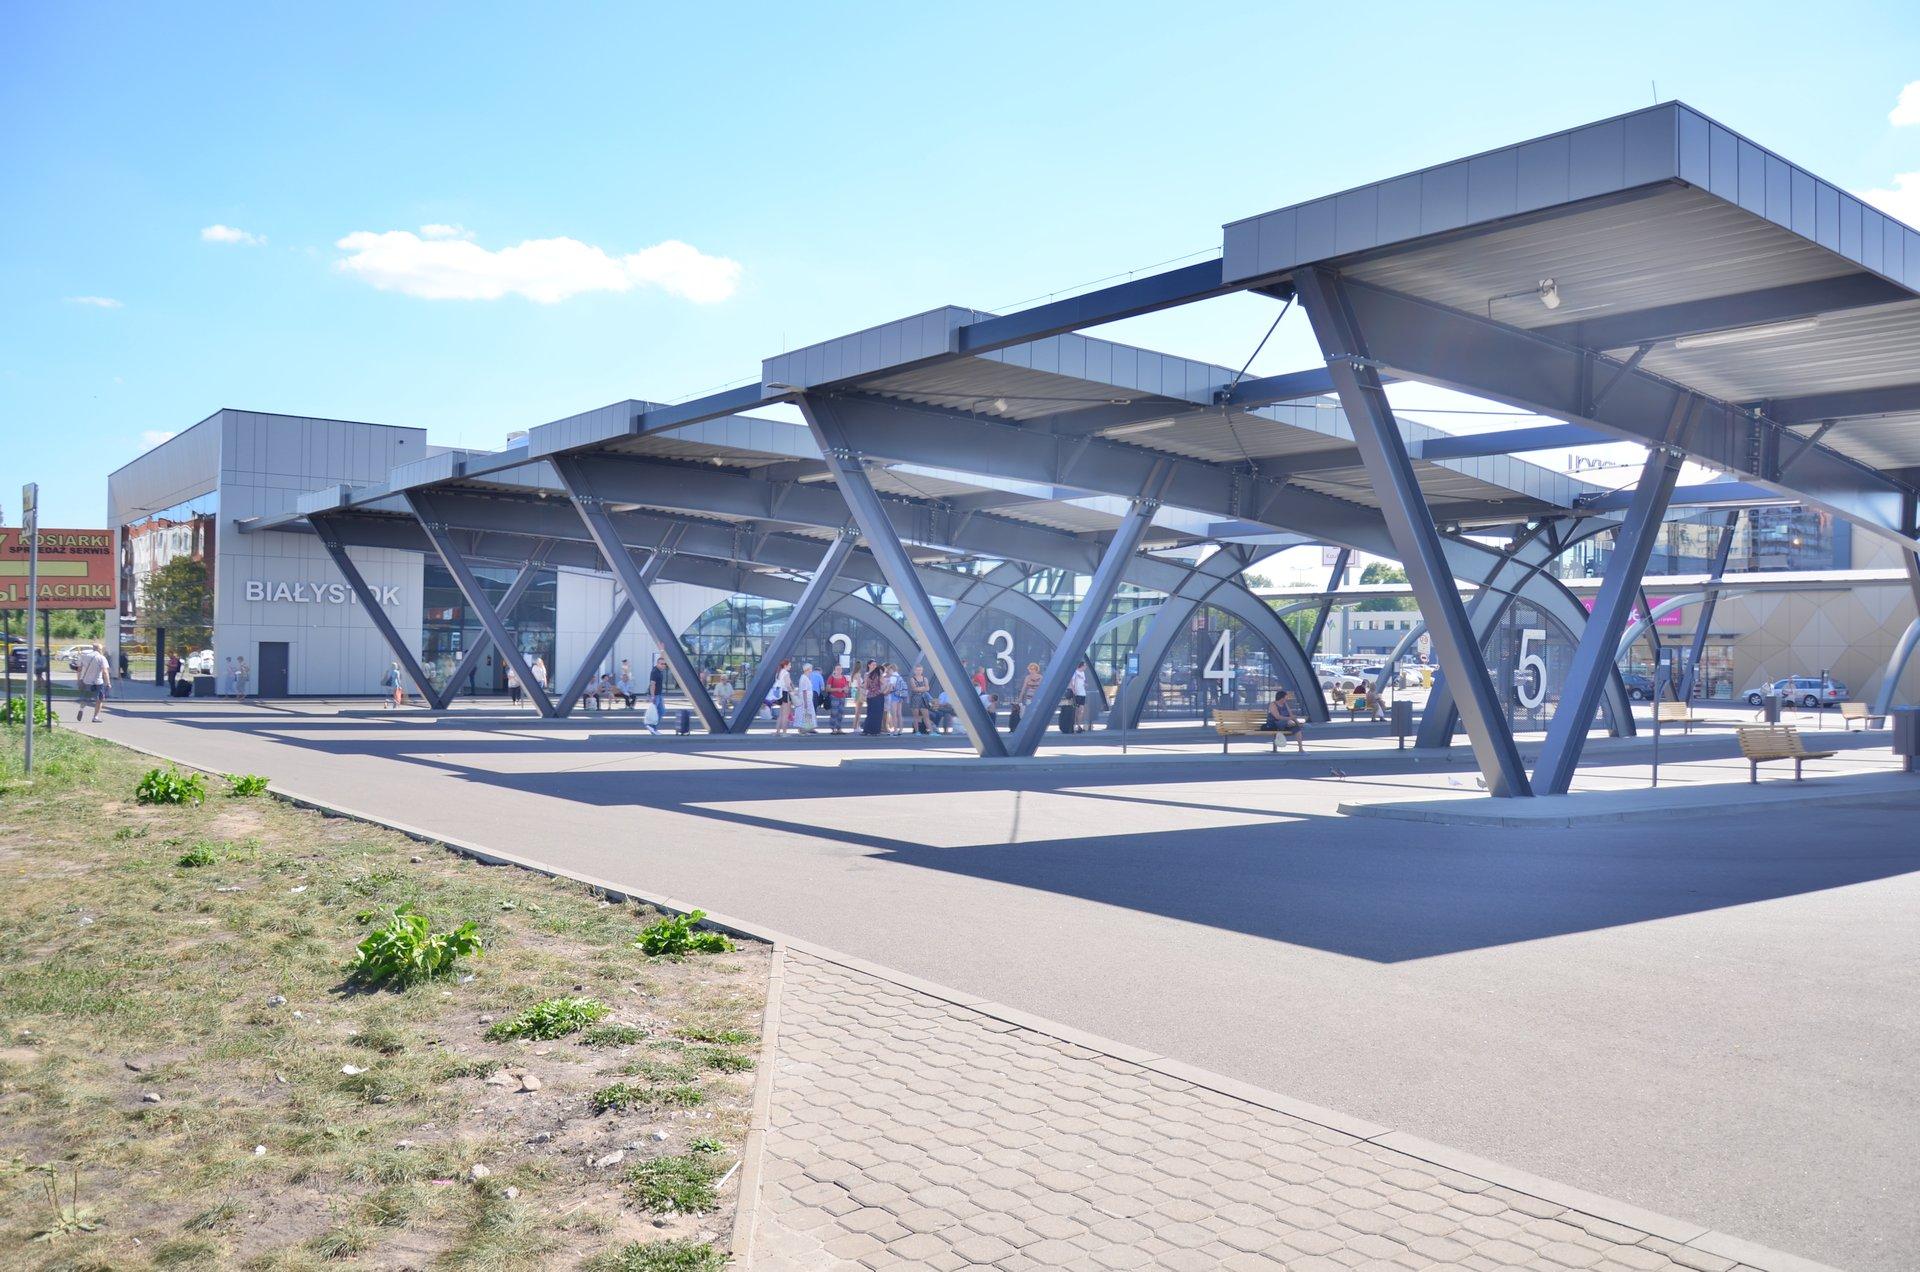 Białystok dworzec autobusowy PKSfree photo darmowe zdjęcie